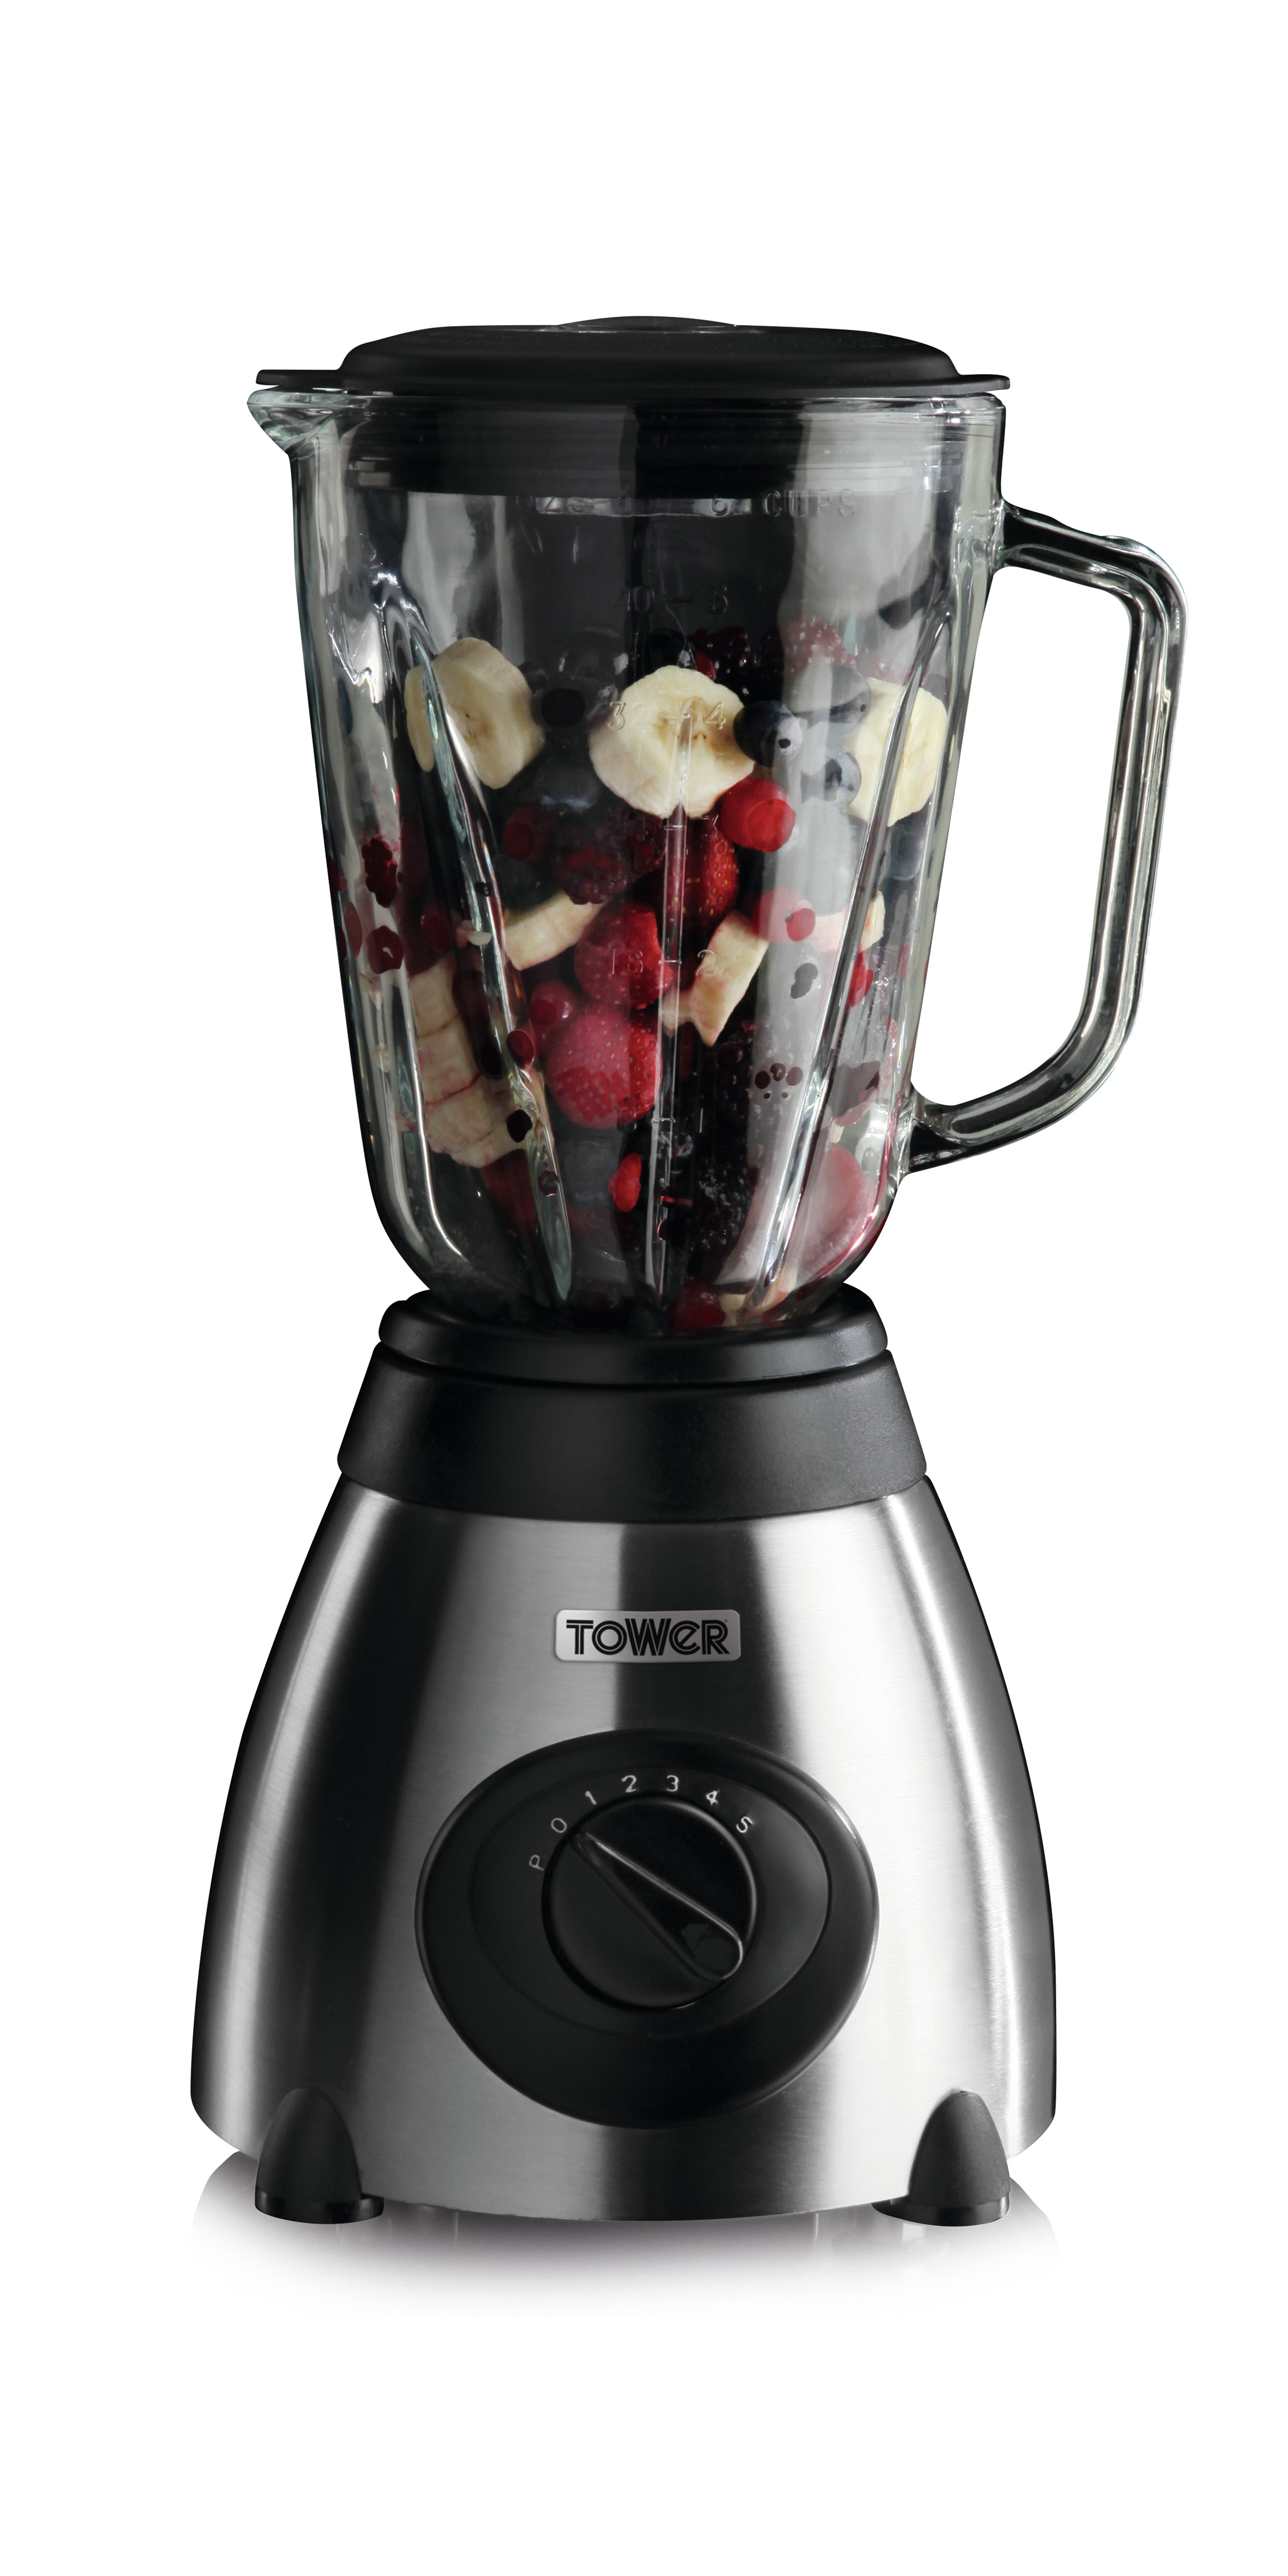 Stainless steel glass jar blender with grinder Blender